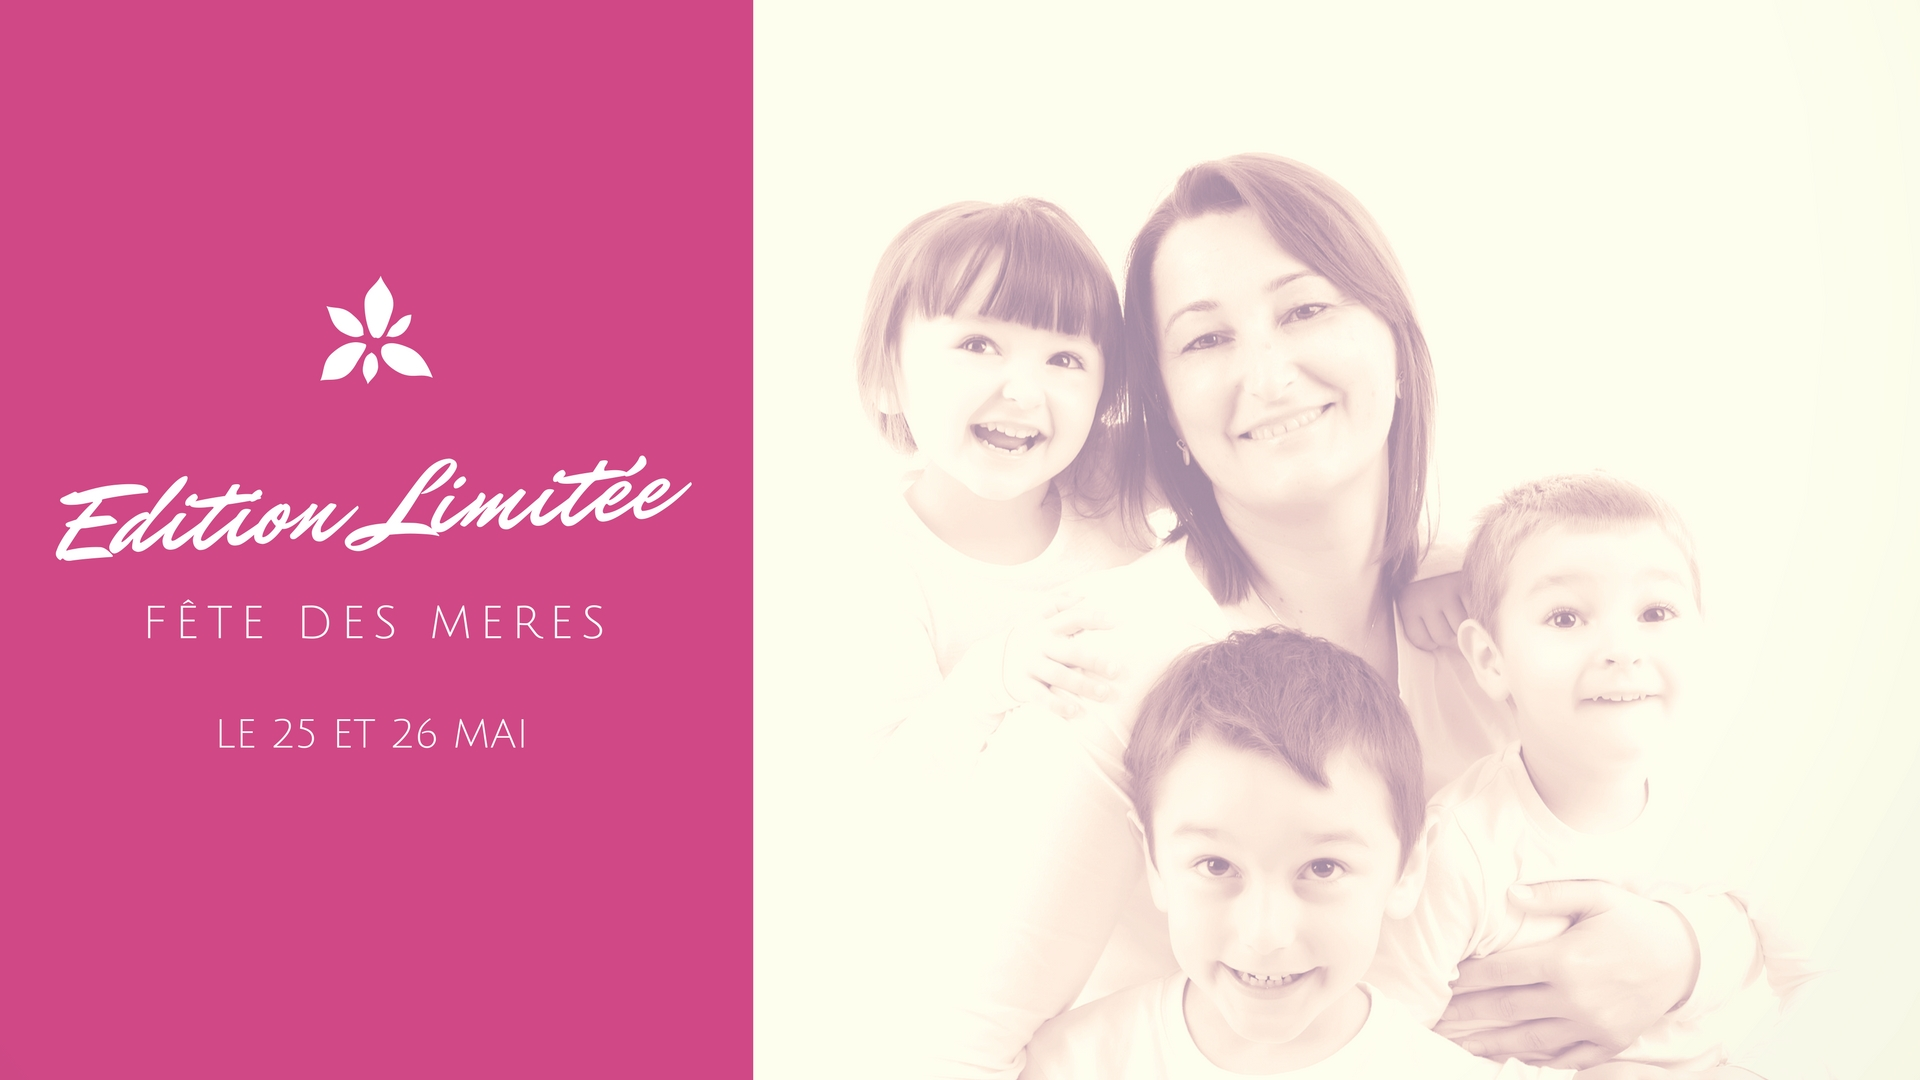 séance studio, fête des mères, maman, enfant, famille (2)